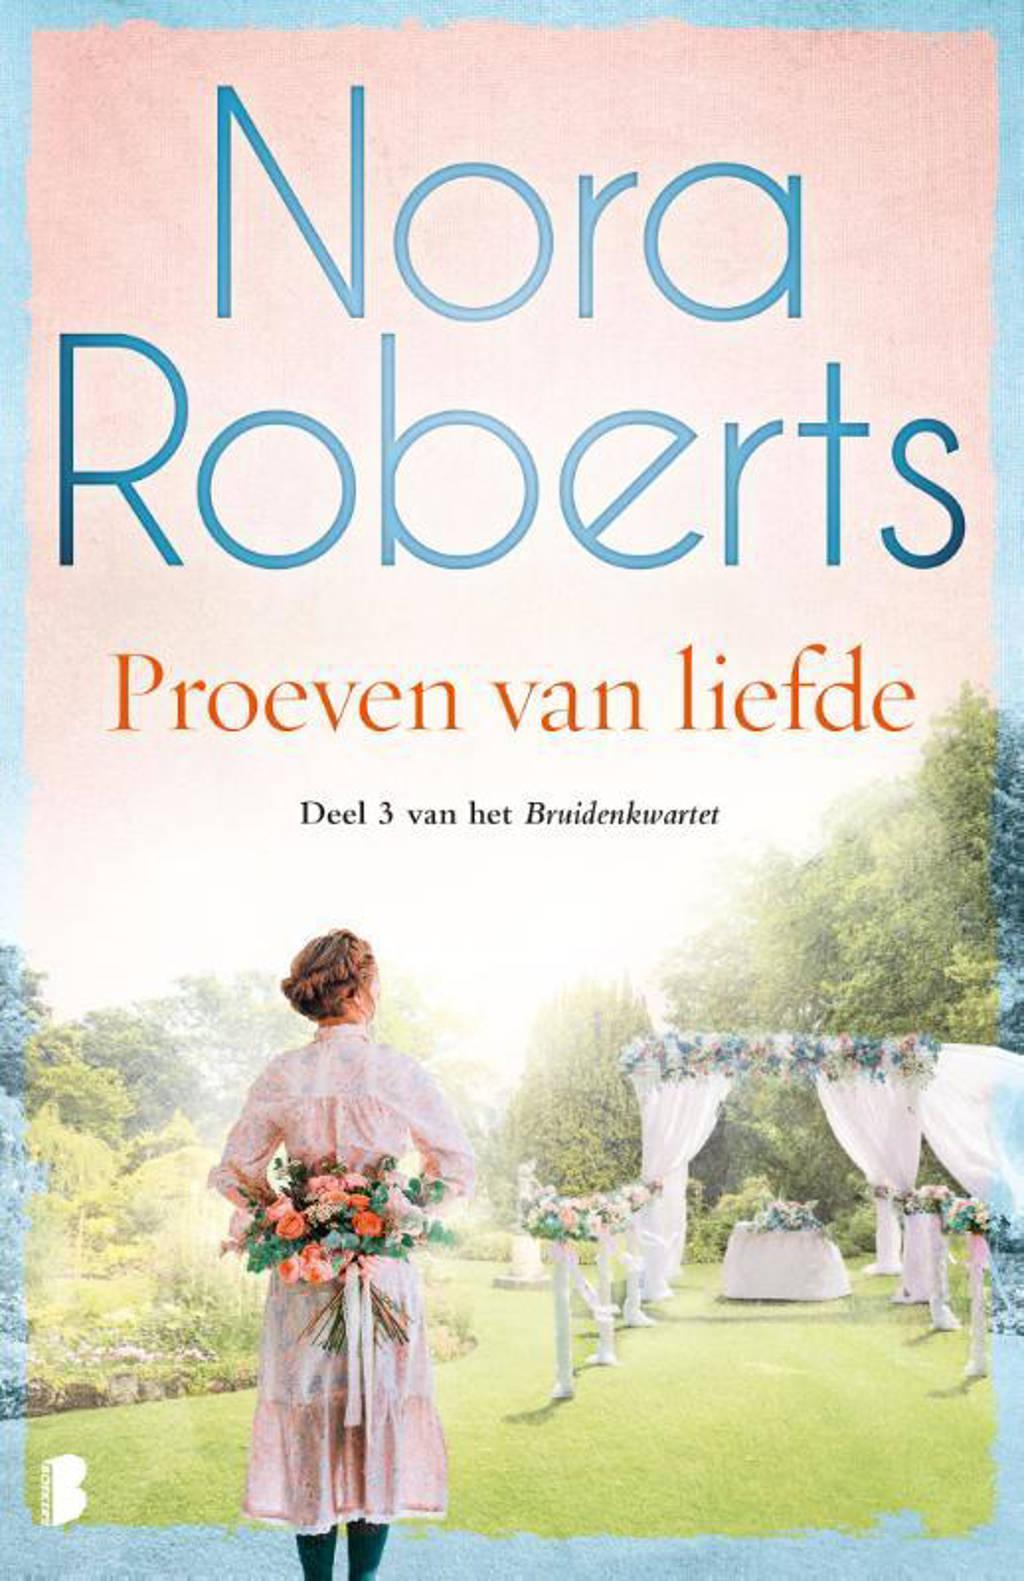 Bruidenkwartet: Proeven van liefde - Nora Roberts